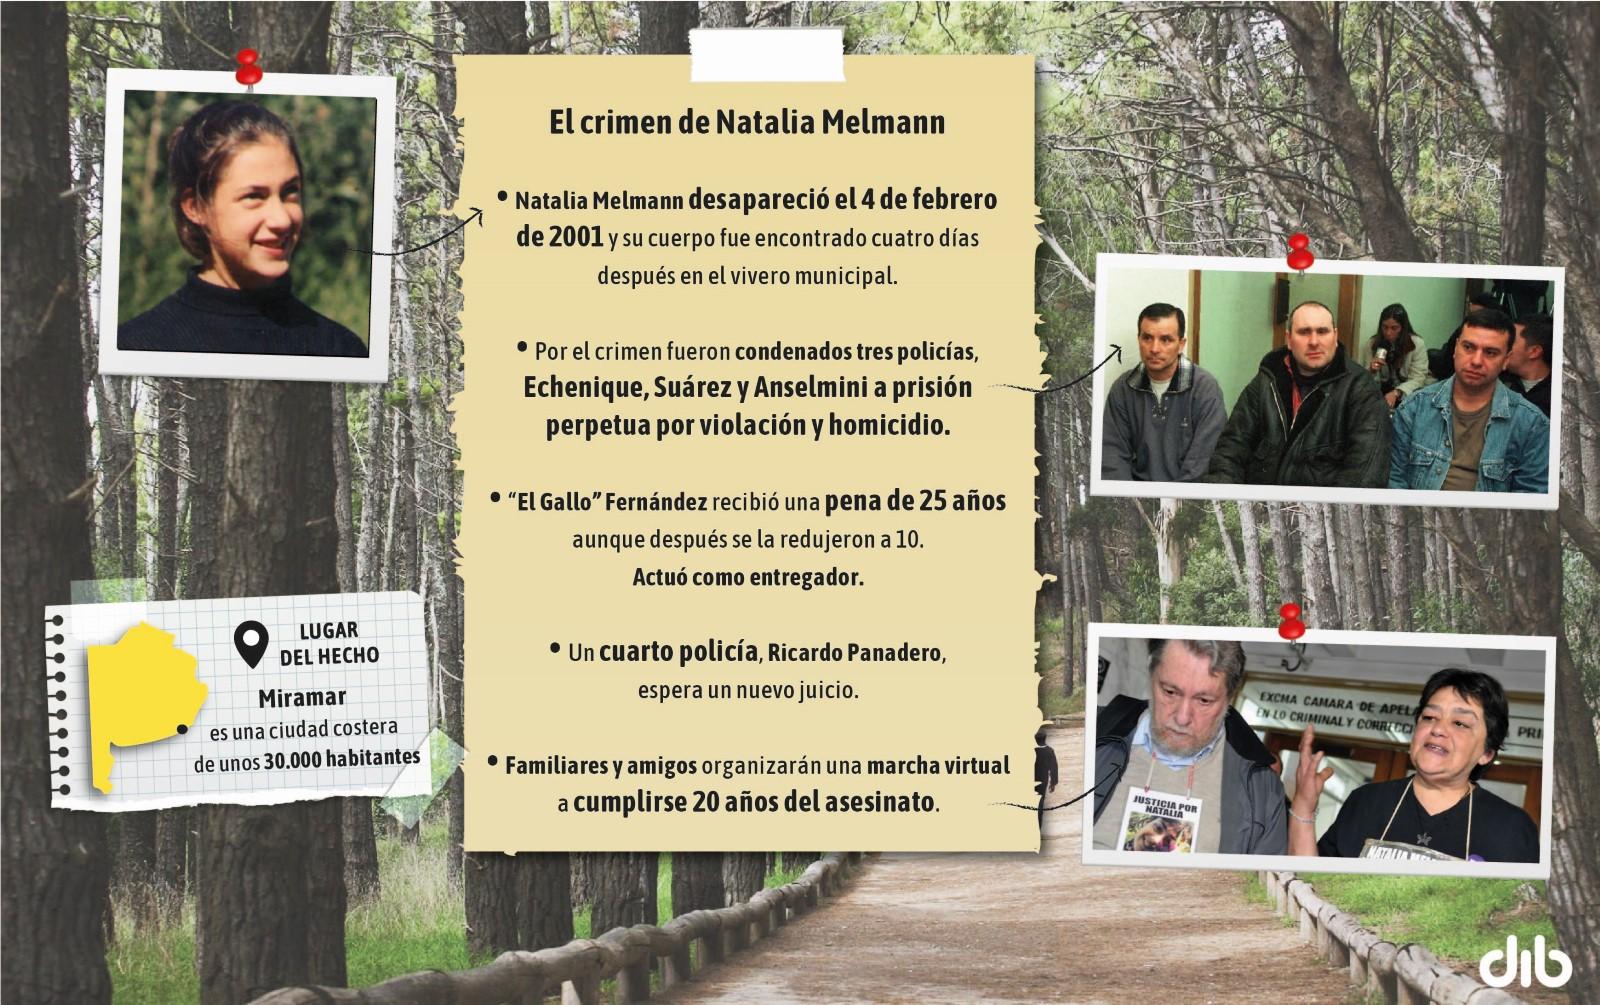 NATALIA MELMANN: A 20 AÑOS DE UN CRIMEN QUE NO TERMINA DE CERRAR LAS HERIDAS